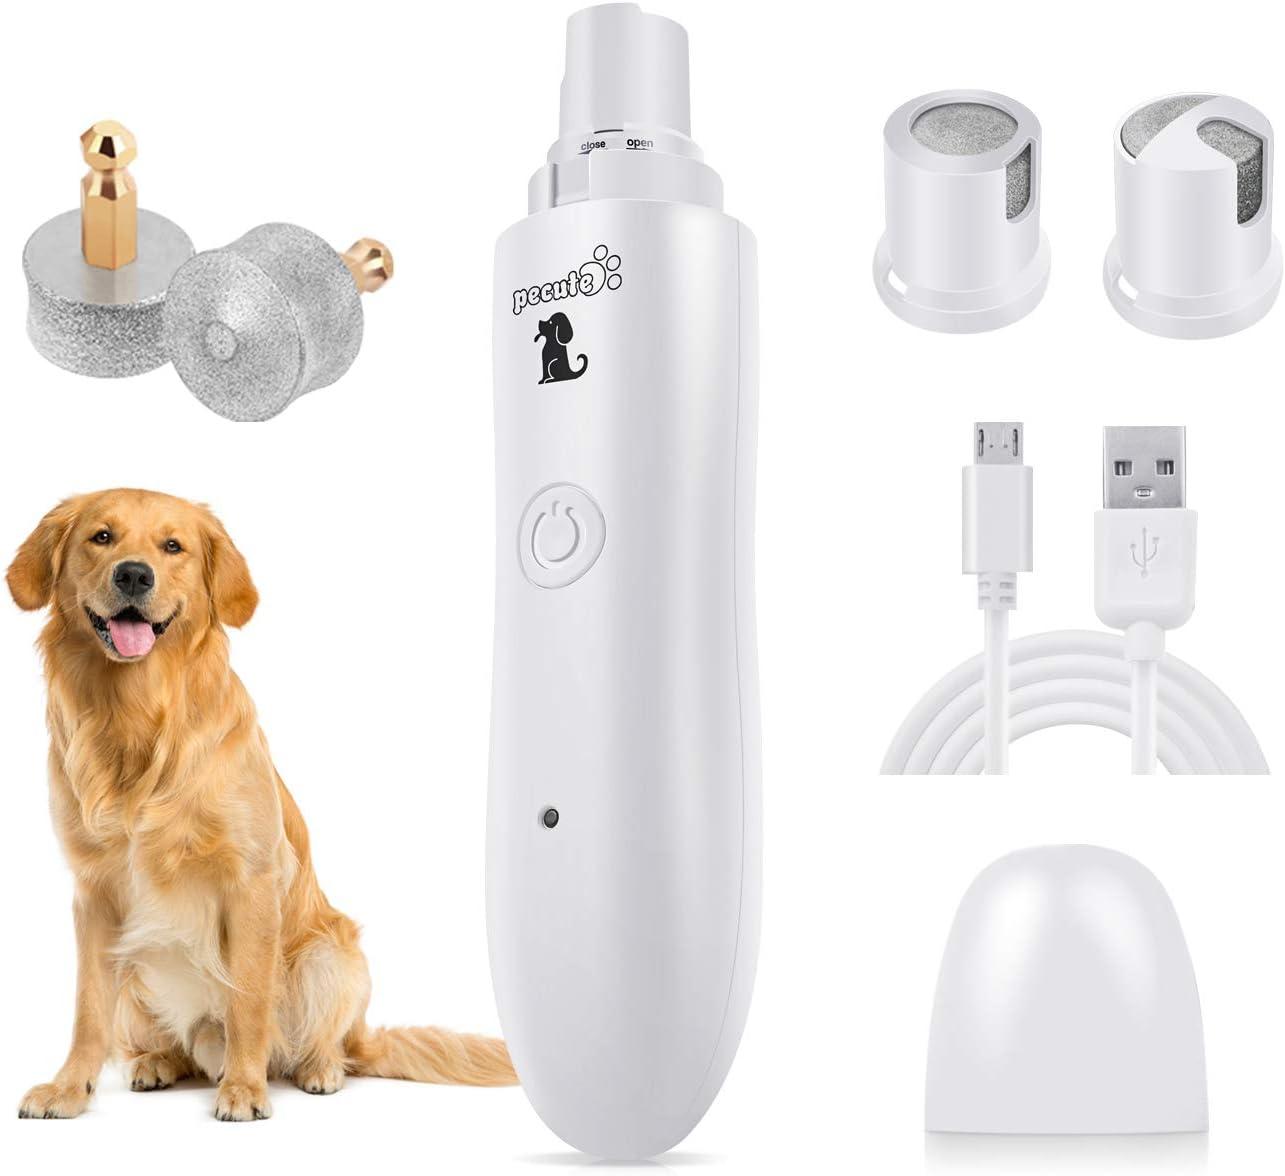 Pecute Lima de Uñas Eléctrica para Perro Gato Mascotas Mediano y Grande, Cortaunas Perro, Amoladora del Clavo Recargable y de Bajo Ruido, Dos Grados Velocidad Variable con Cable USB (L, Blanco)